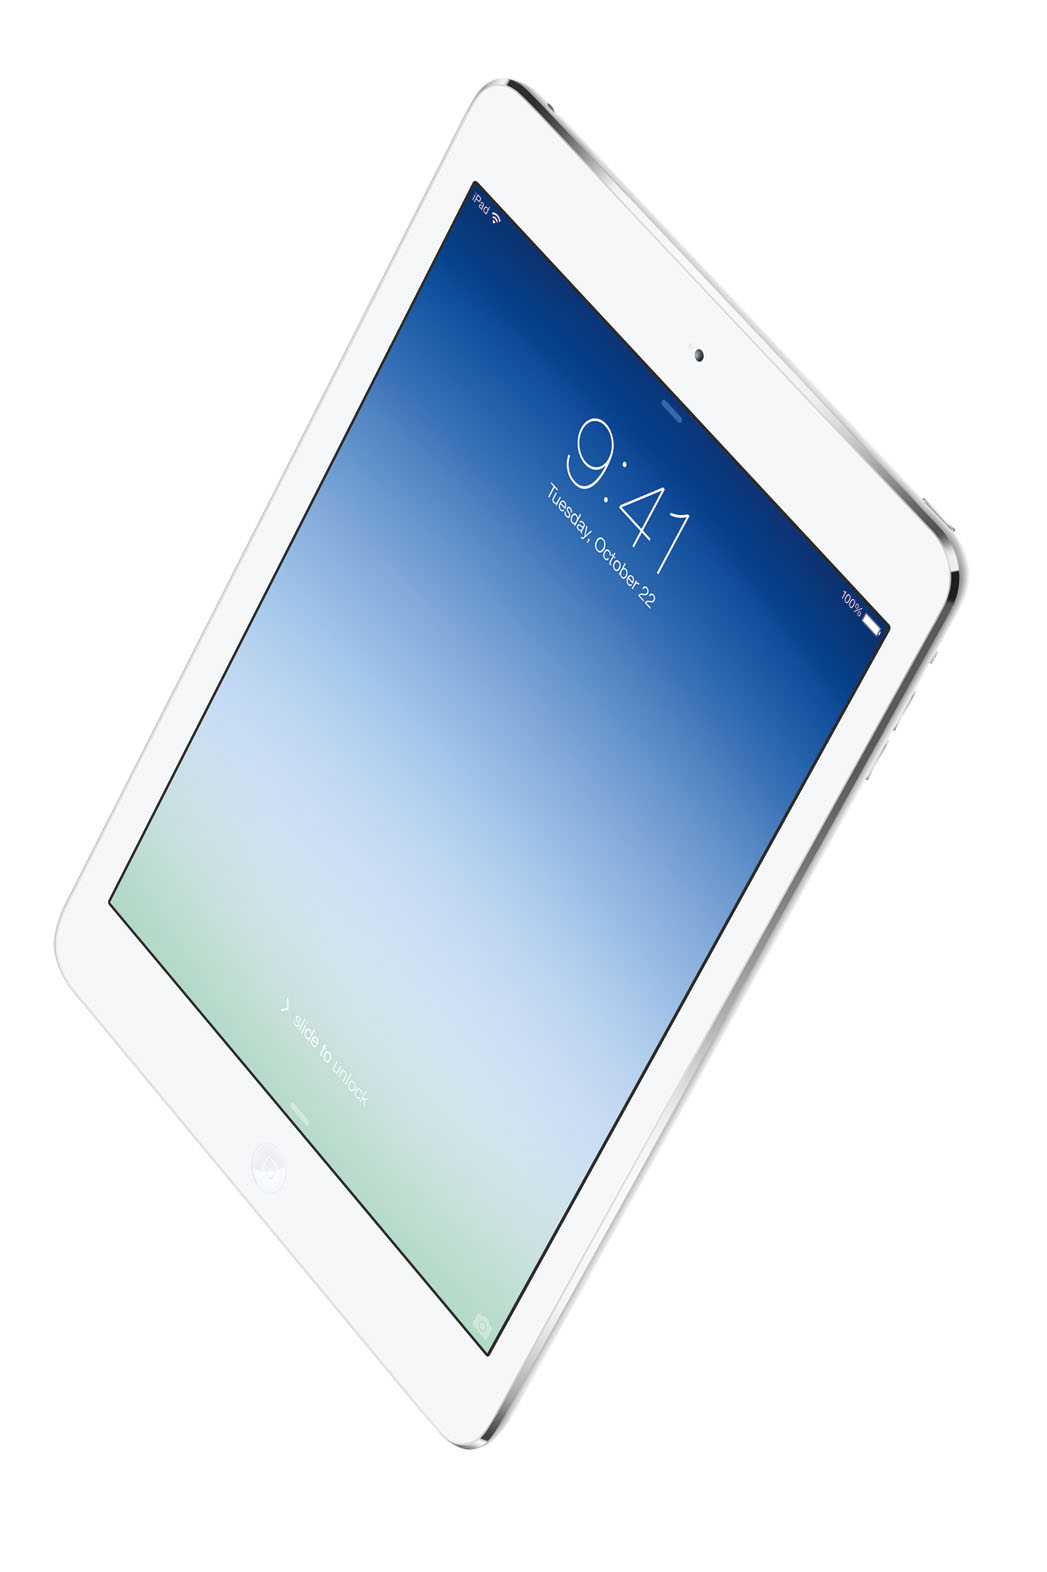 Gratis Apple iPad Air en 24 maanden korting op uw Vodafone abonnement